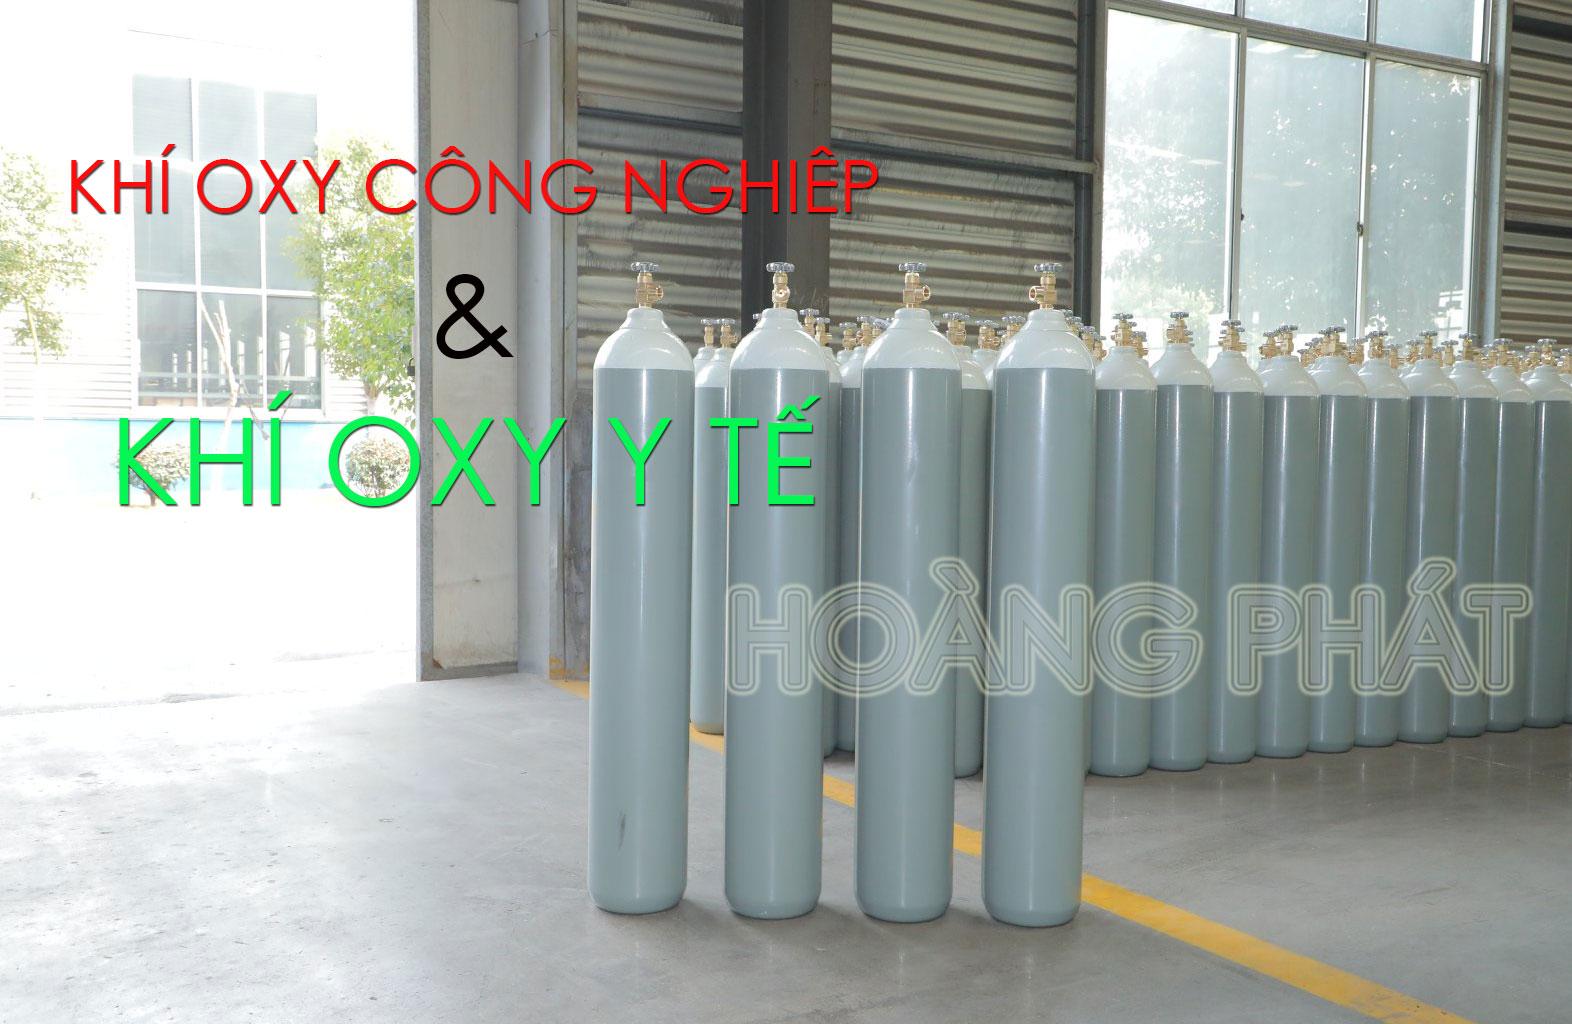 Phân-biệt-khí-oxy-công-nghiệp-và-khí-Oxy-y-tế